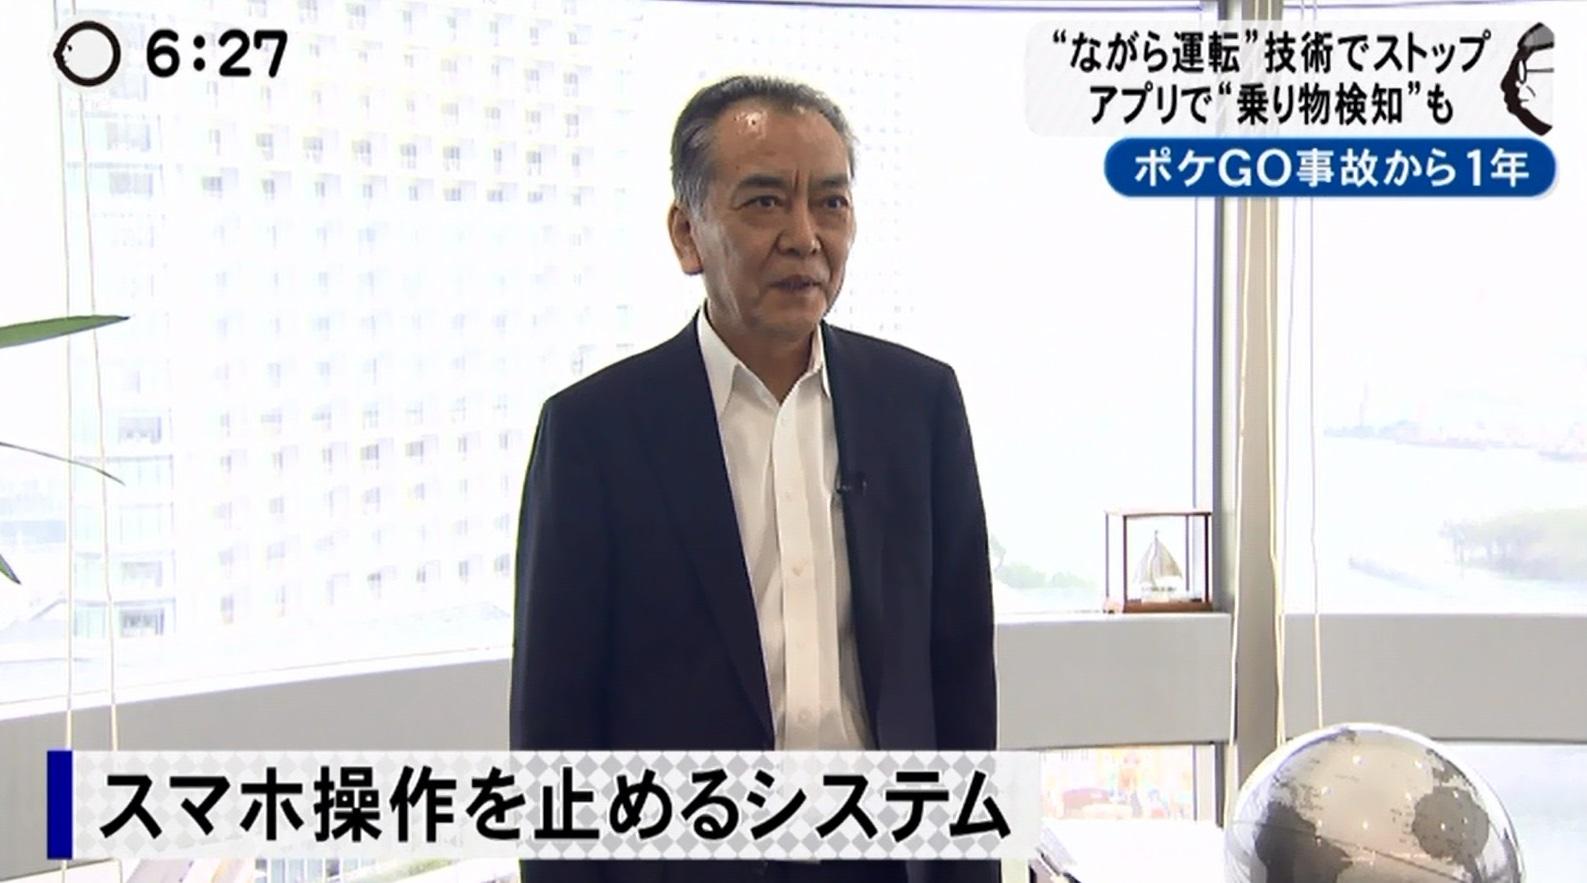 東海テレビで「乗り物検知ライブラリ」を紹介